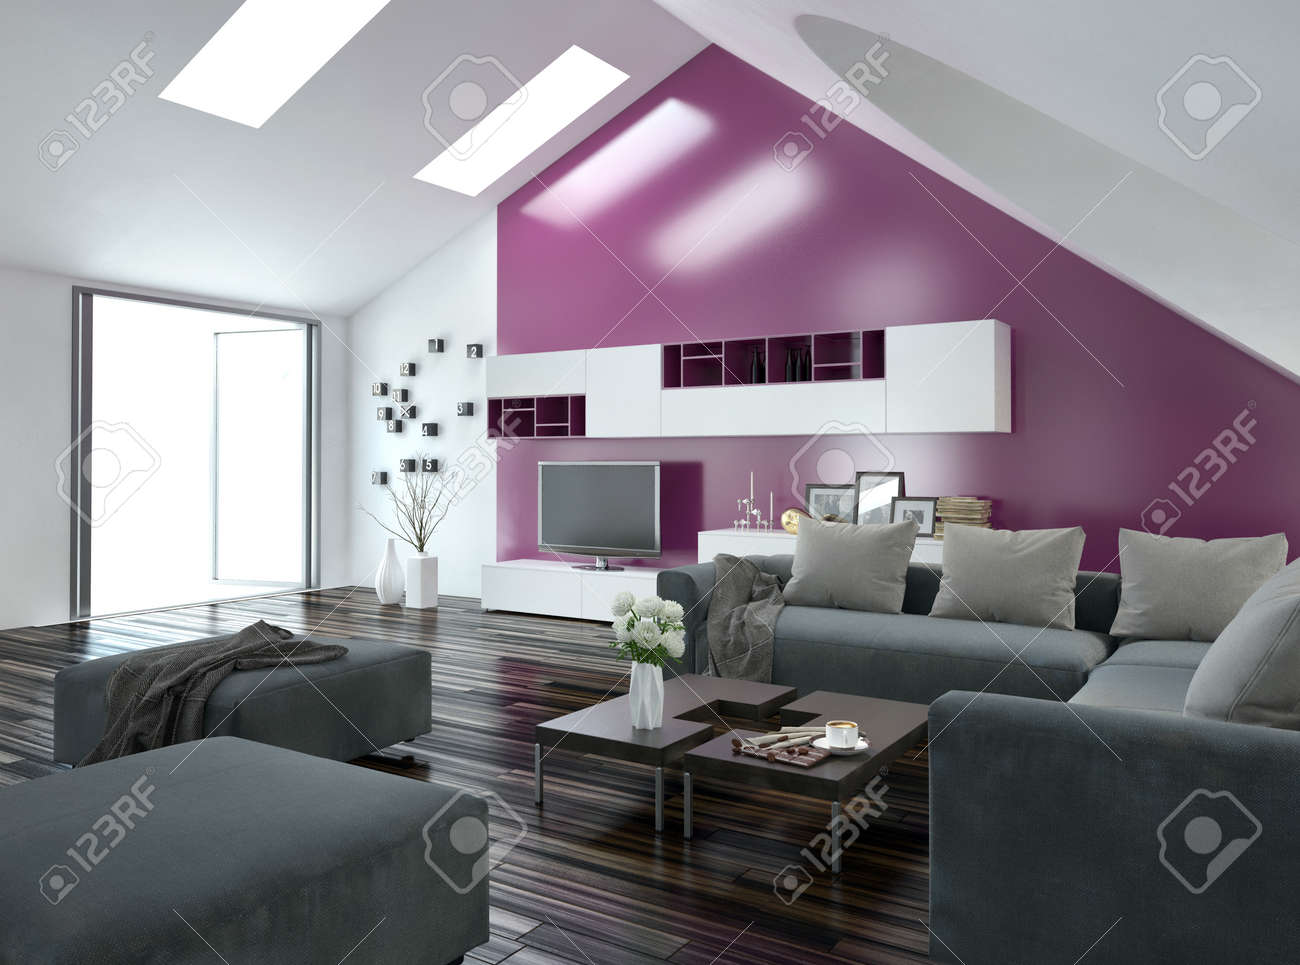 Moderne Wohnung Wohnzimmer Innenraum Mit Einem Lila Akzent Wand ...